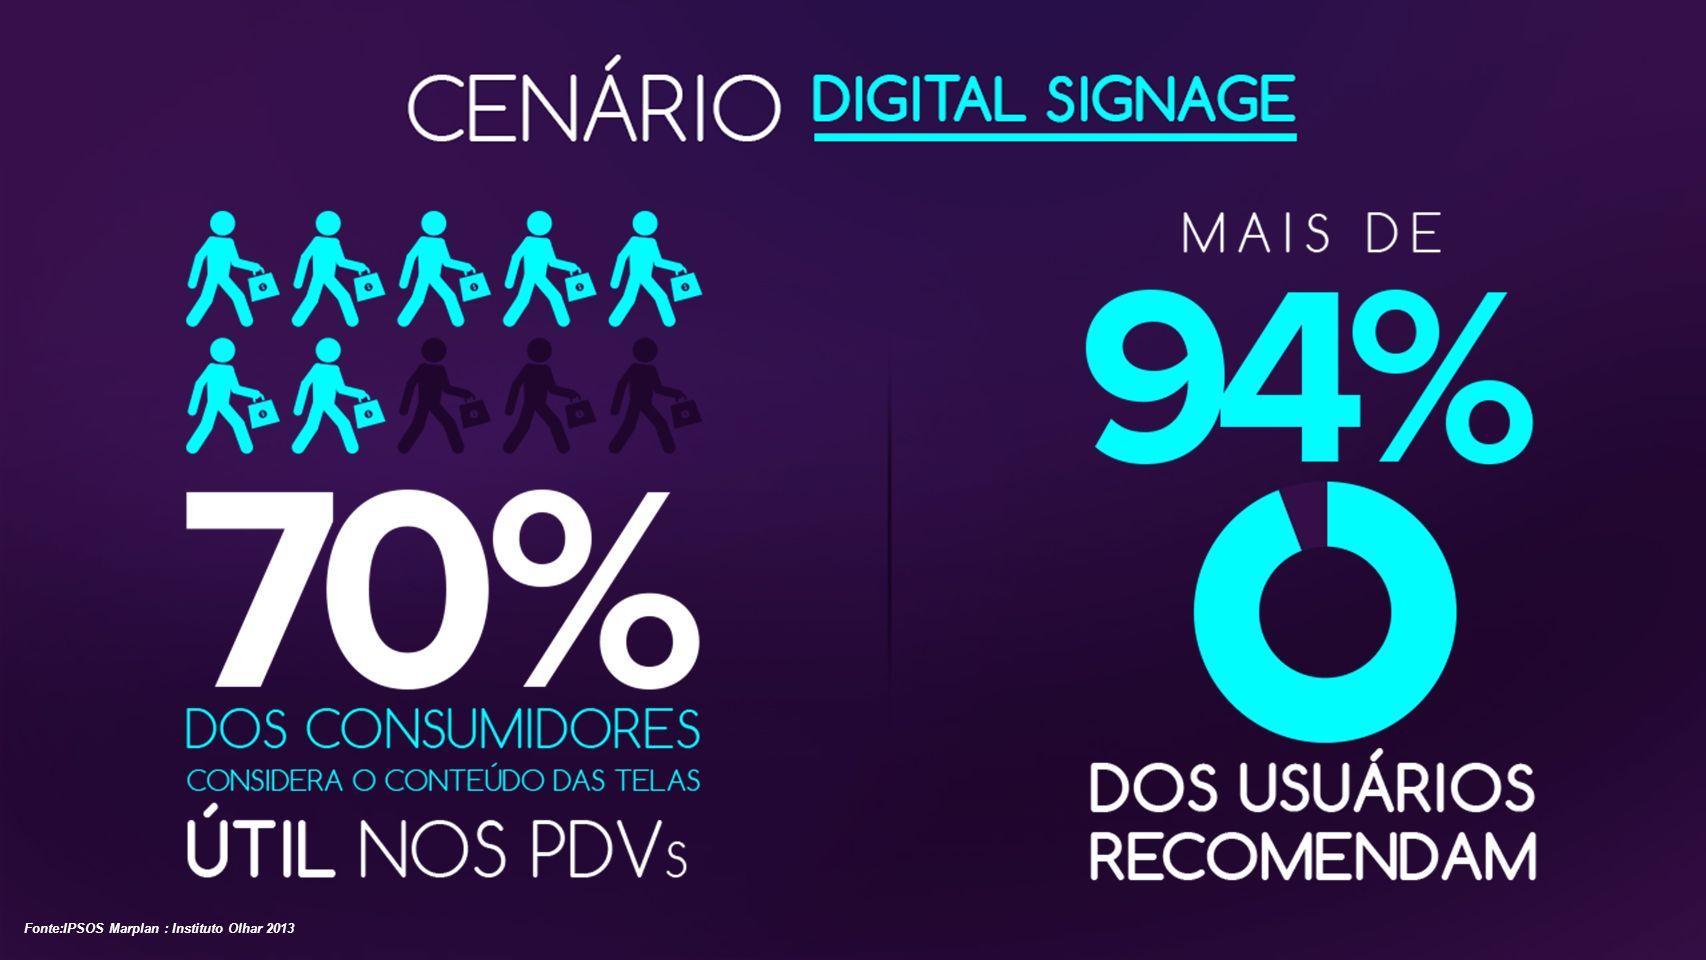 Fonte:IPSOS Marplan : Instituto Olhar 2013